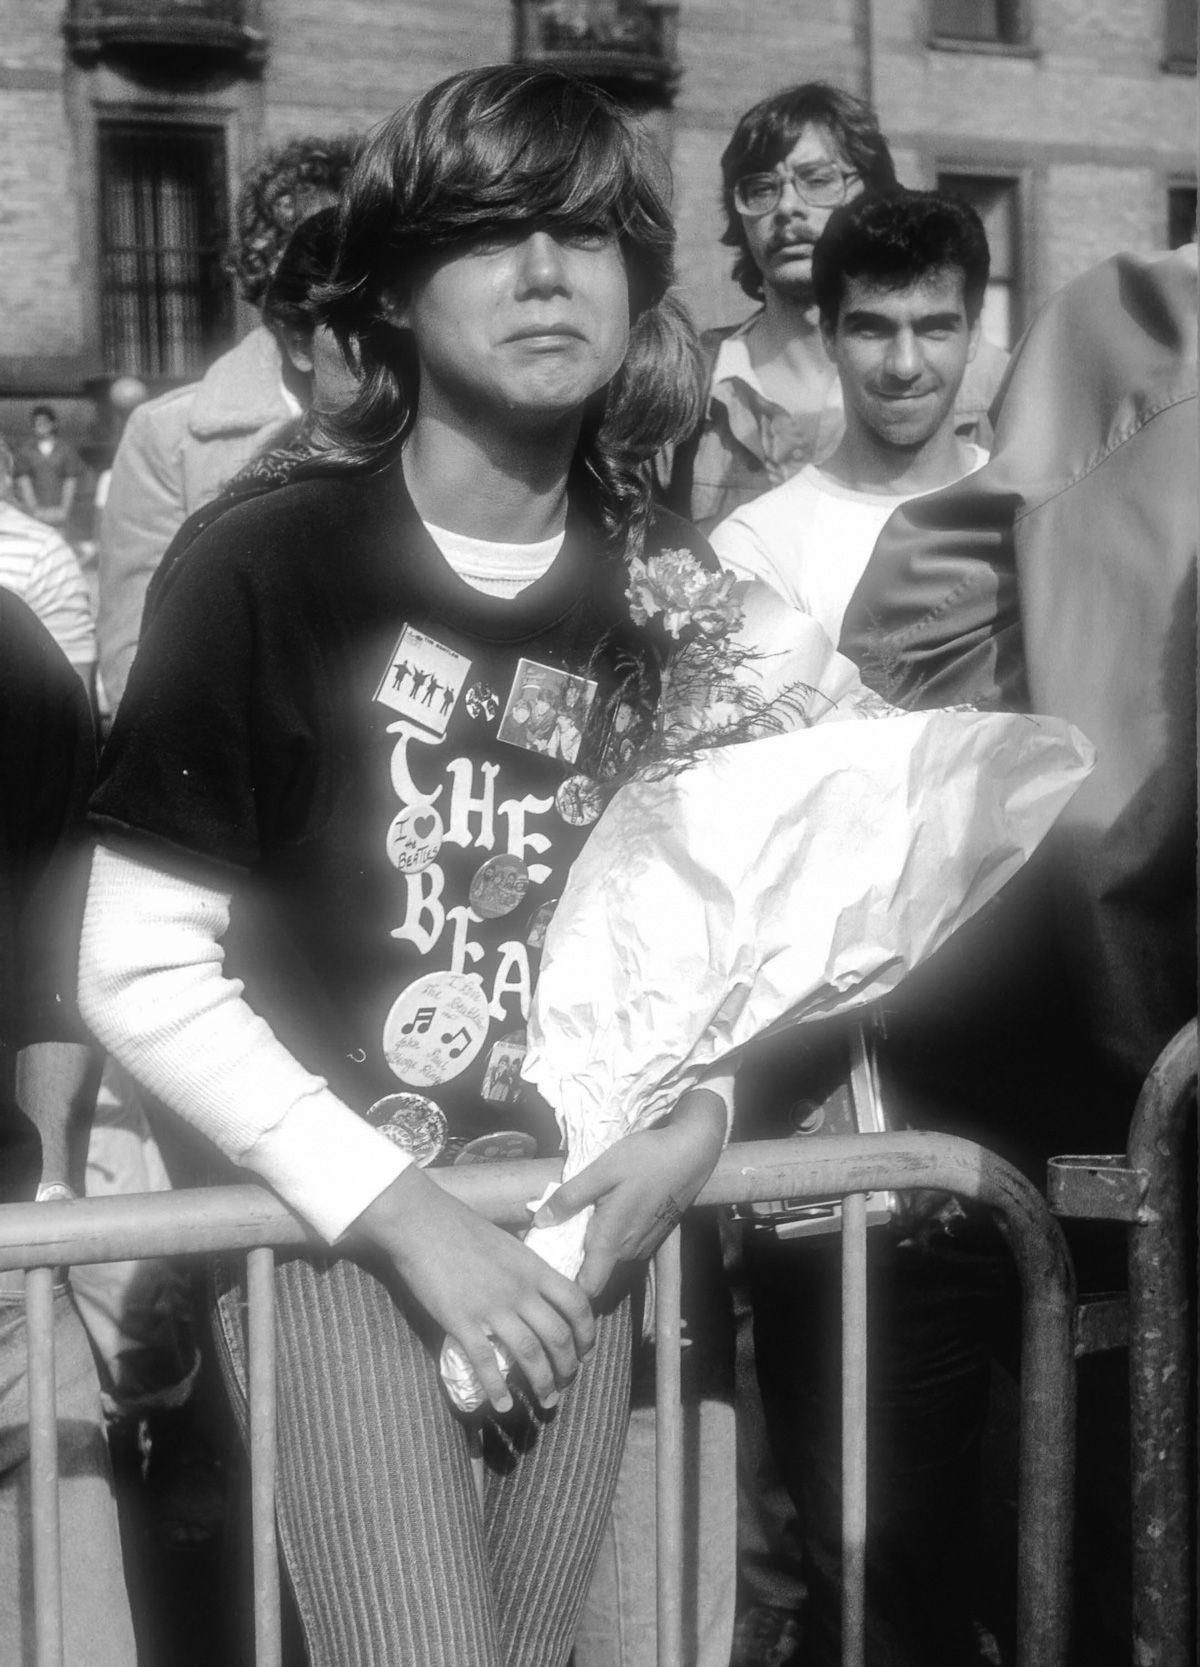 foto-8-dicembre-1980-morte-john-lennon-05